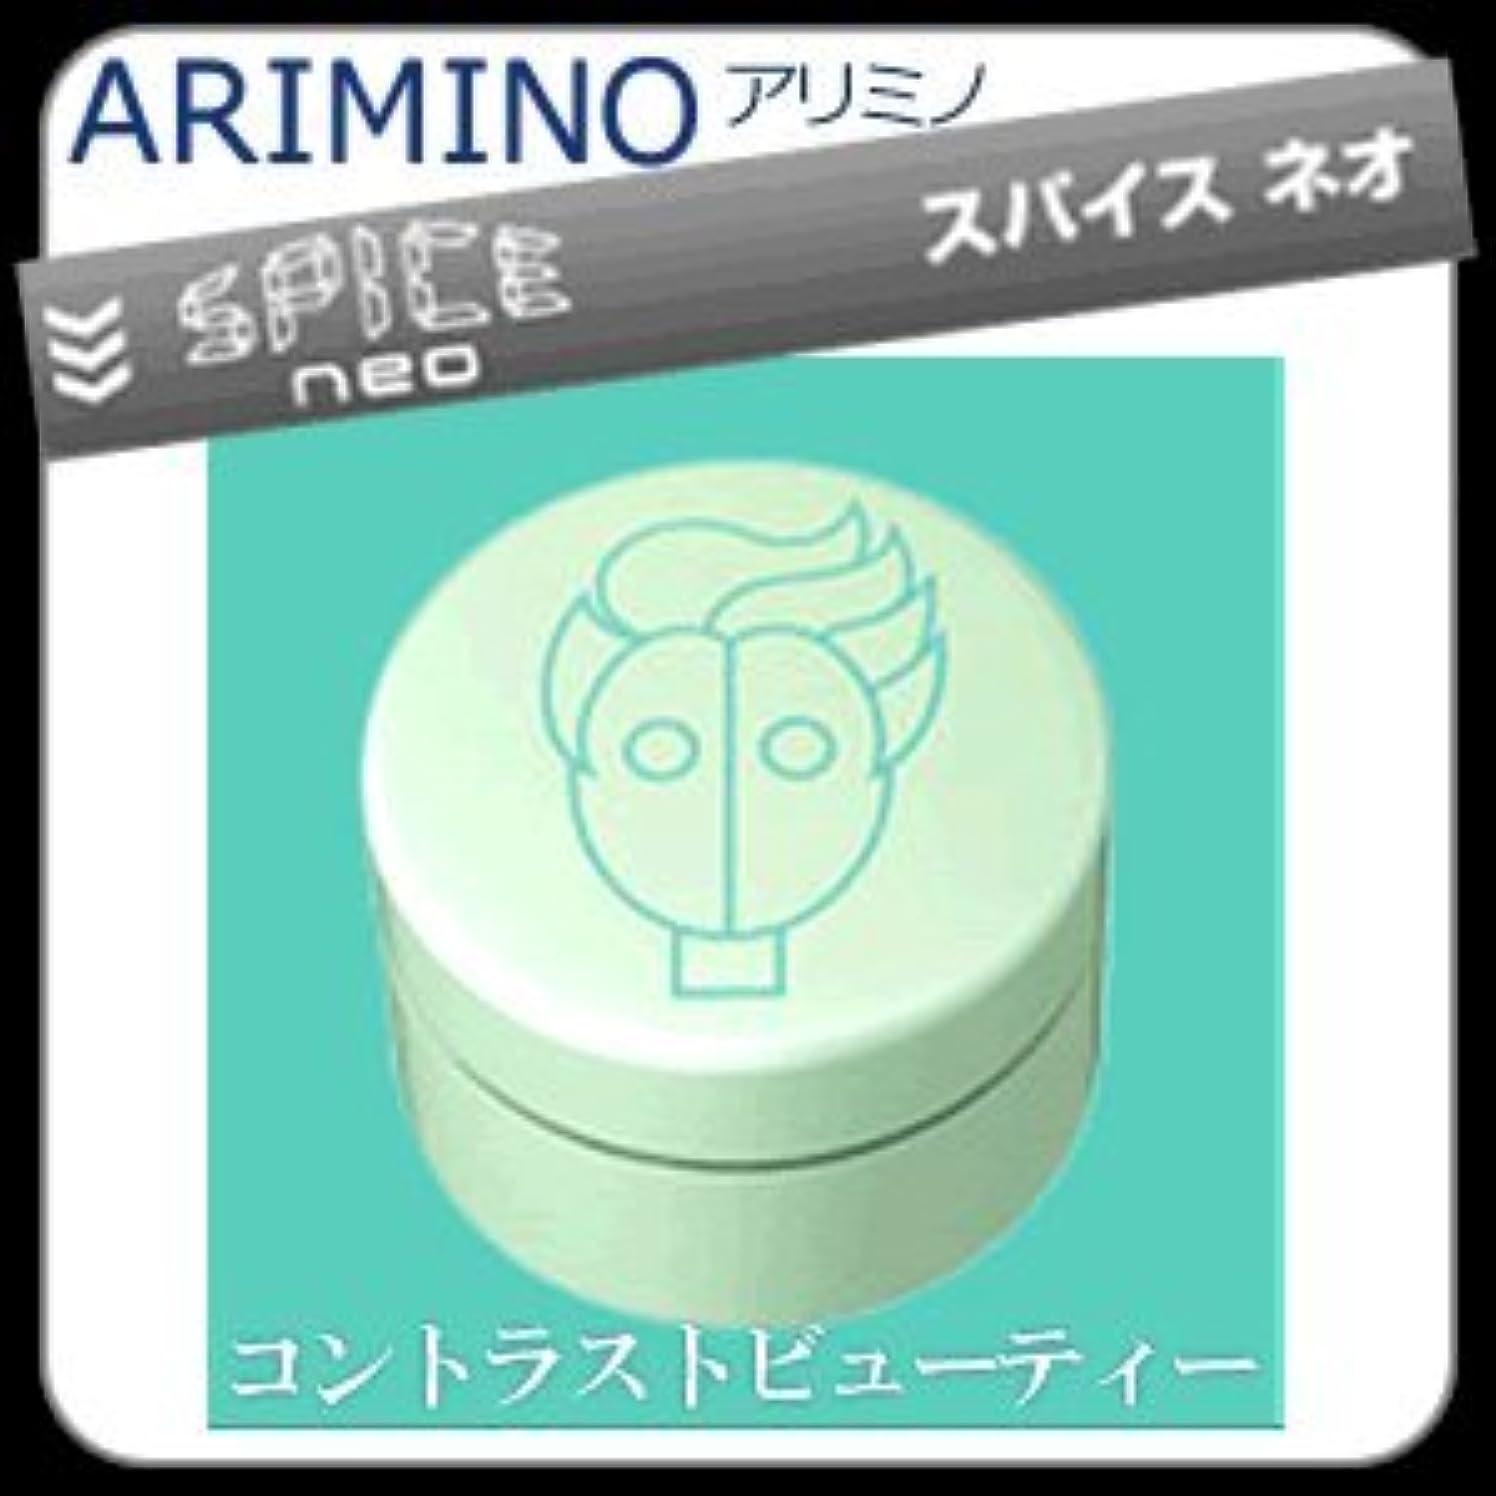 補償カッター許可【X3個セット】 アリミノ スパイスネオ GREASE-WAX グリースワックス 100g ARIMINO SPICE neo